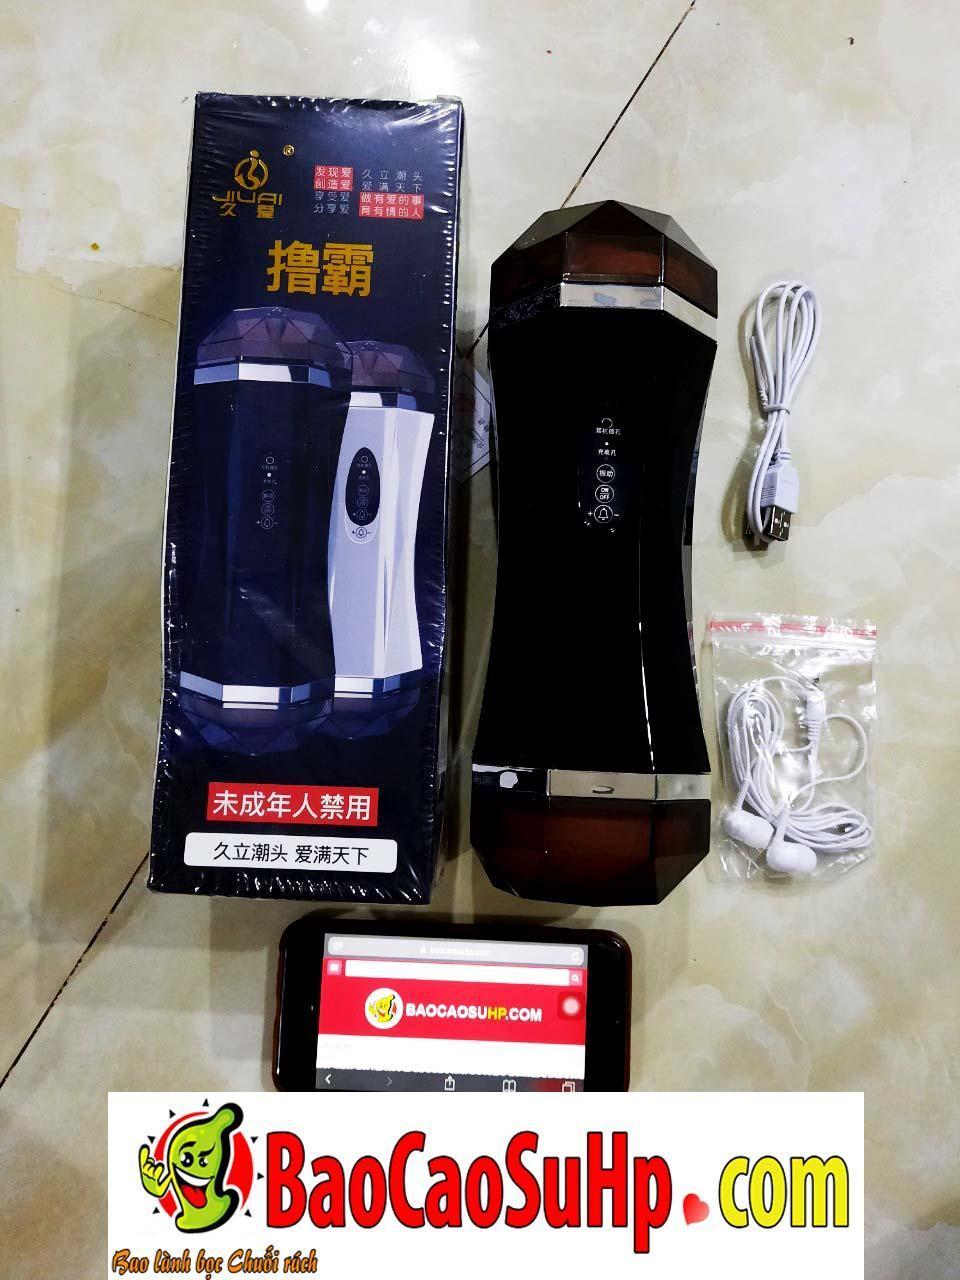 20200314113556 9415180 coc am dao 2 dau rung ren tu dong jiuai 2 - Shop bán đồ chơi tình dục giá rẻ nam nữ hàng về 14.03.2020